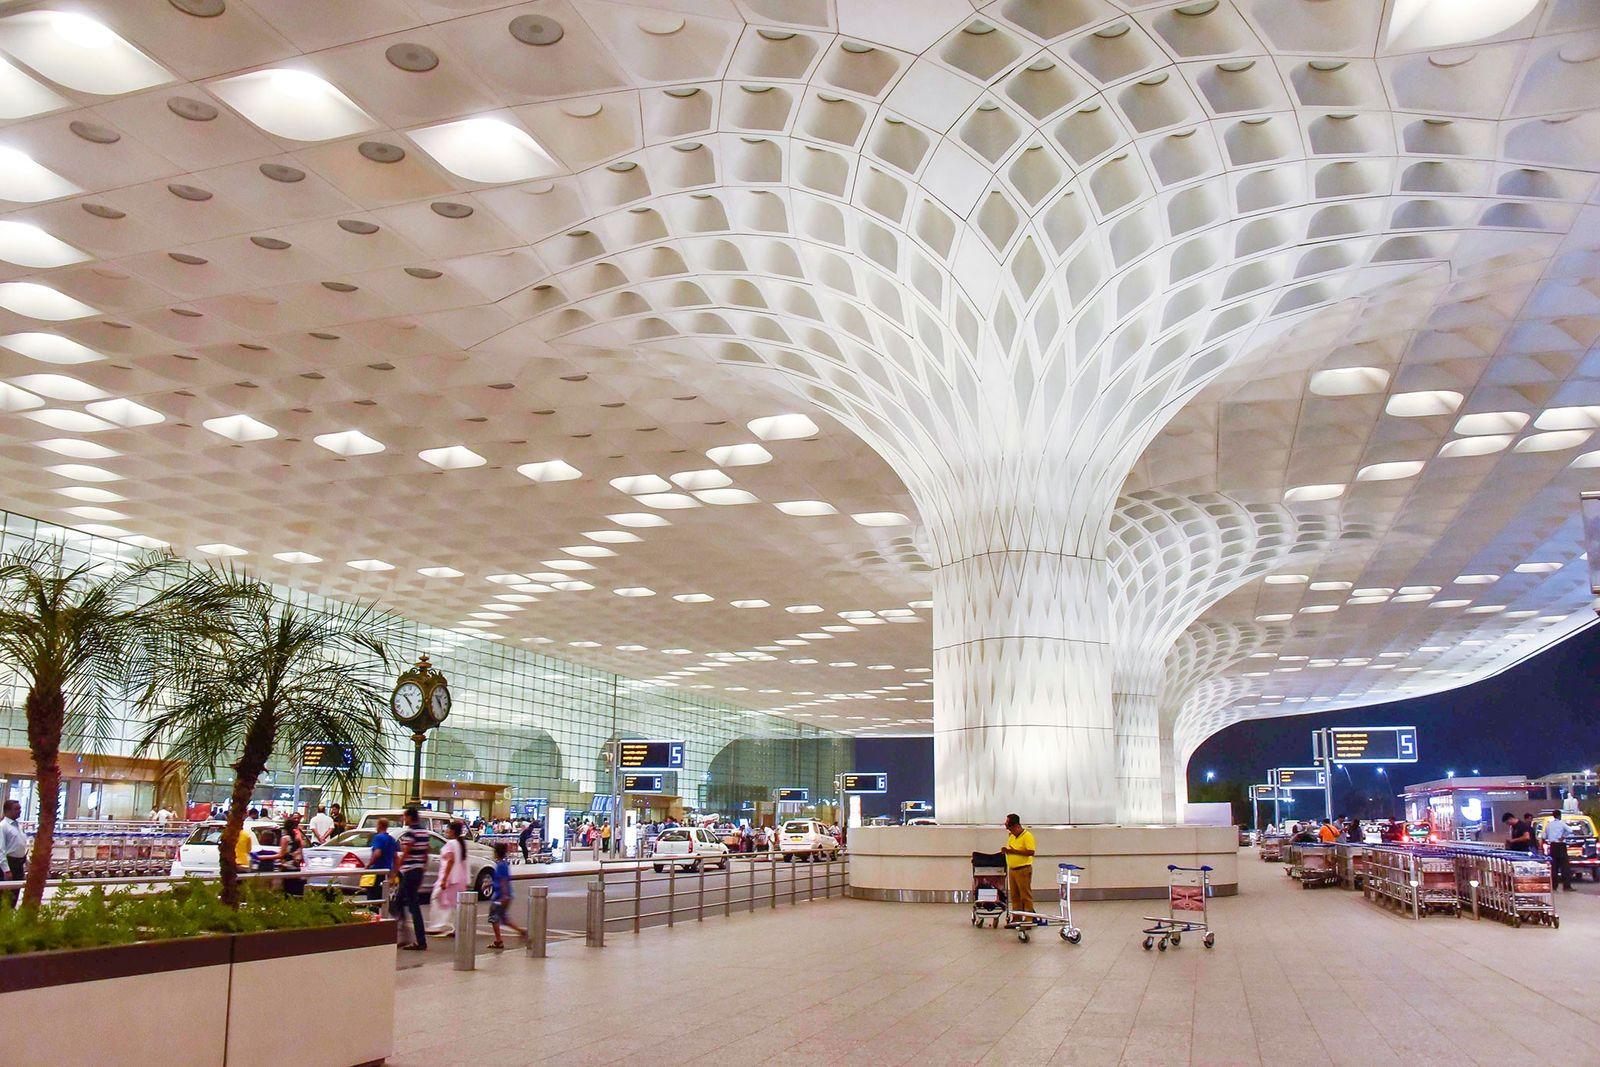 Fotografias de 10 Aeroportos com uma Arquitetura Fantástica